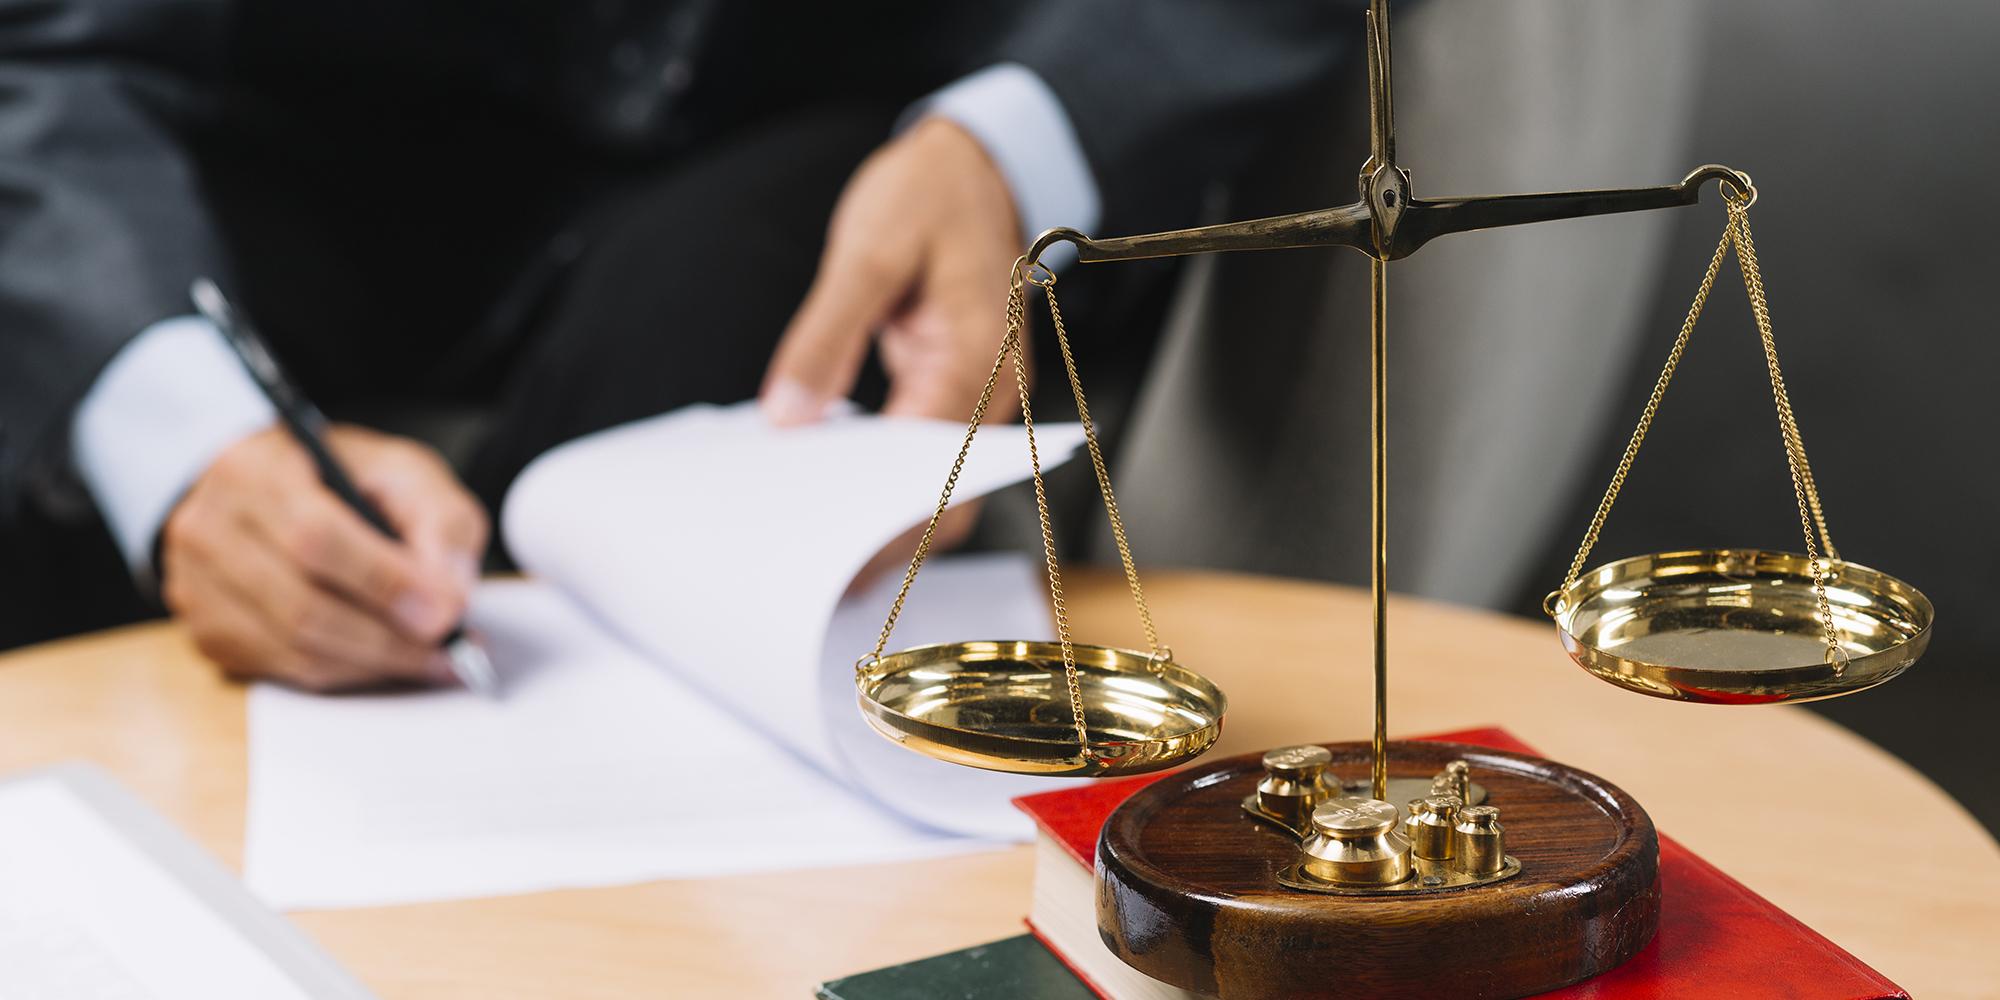 Advogado: concilie a sua vida profissional e pessoal